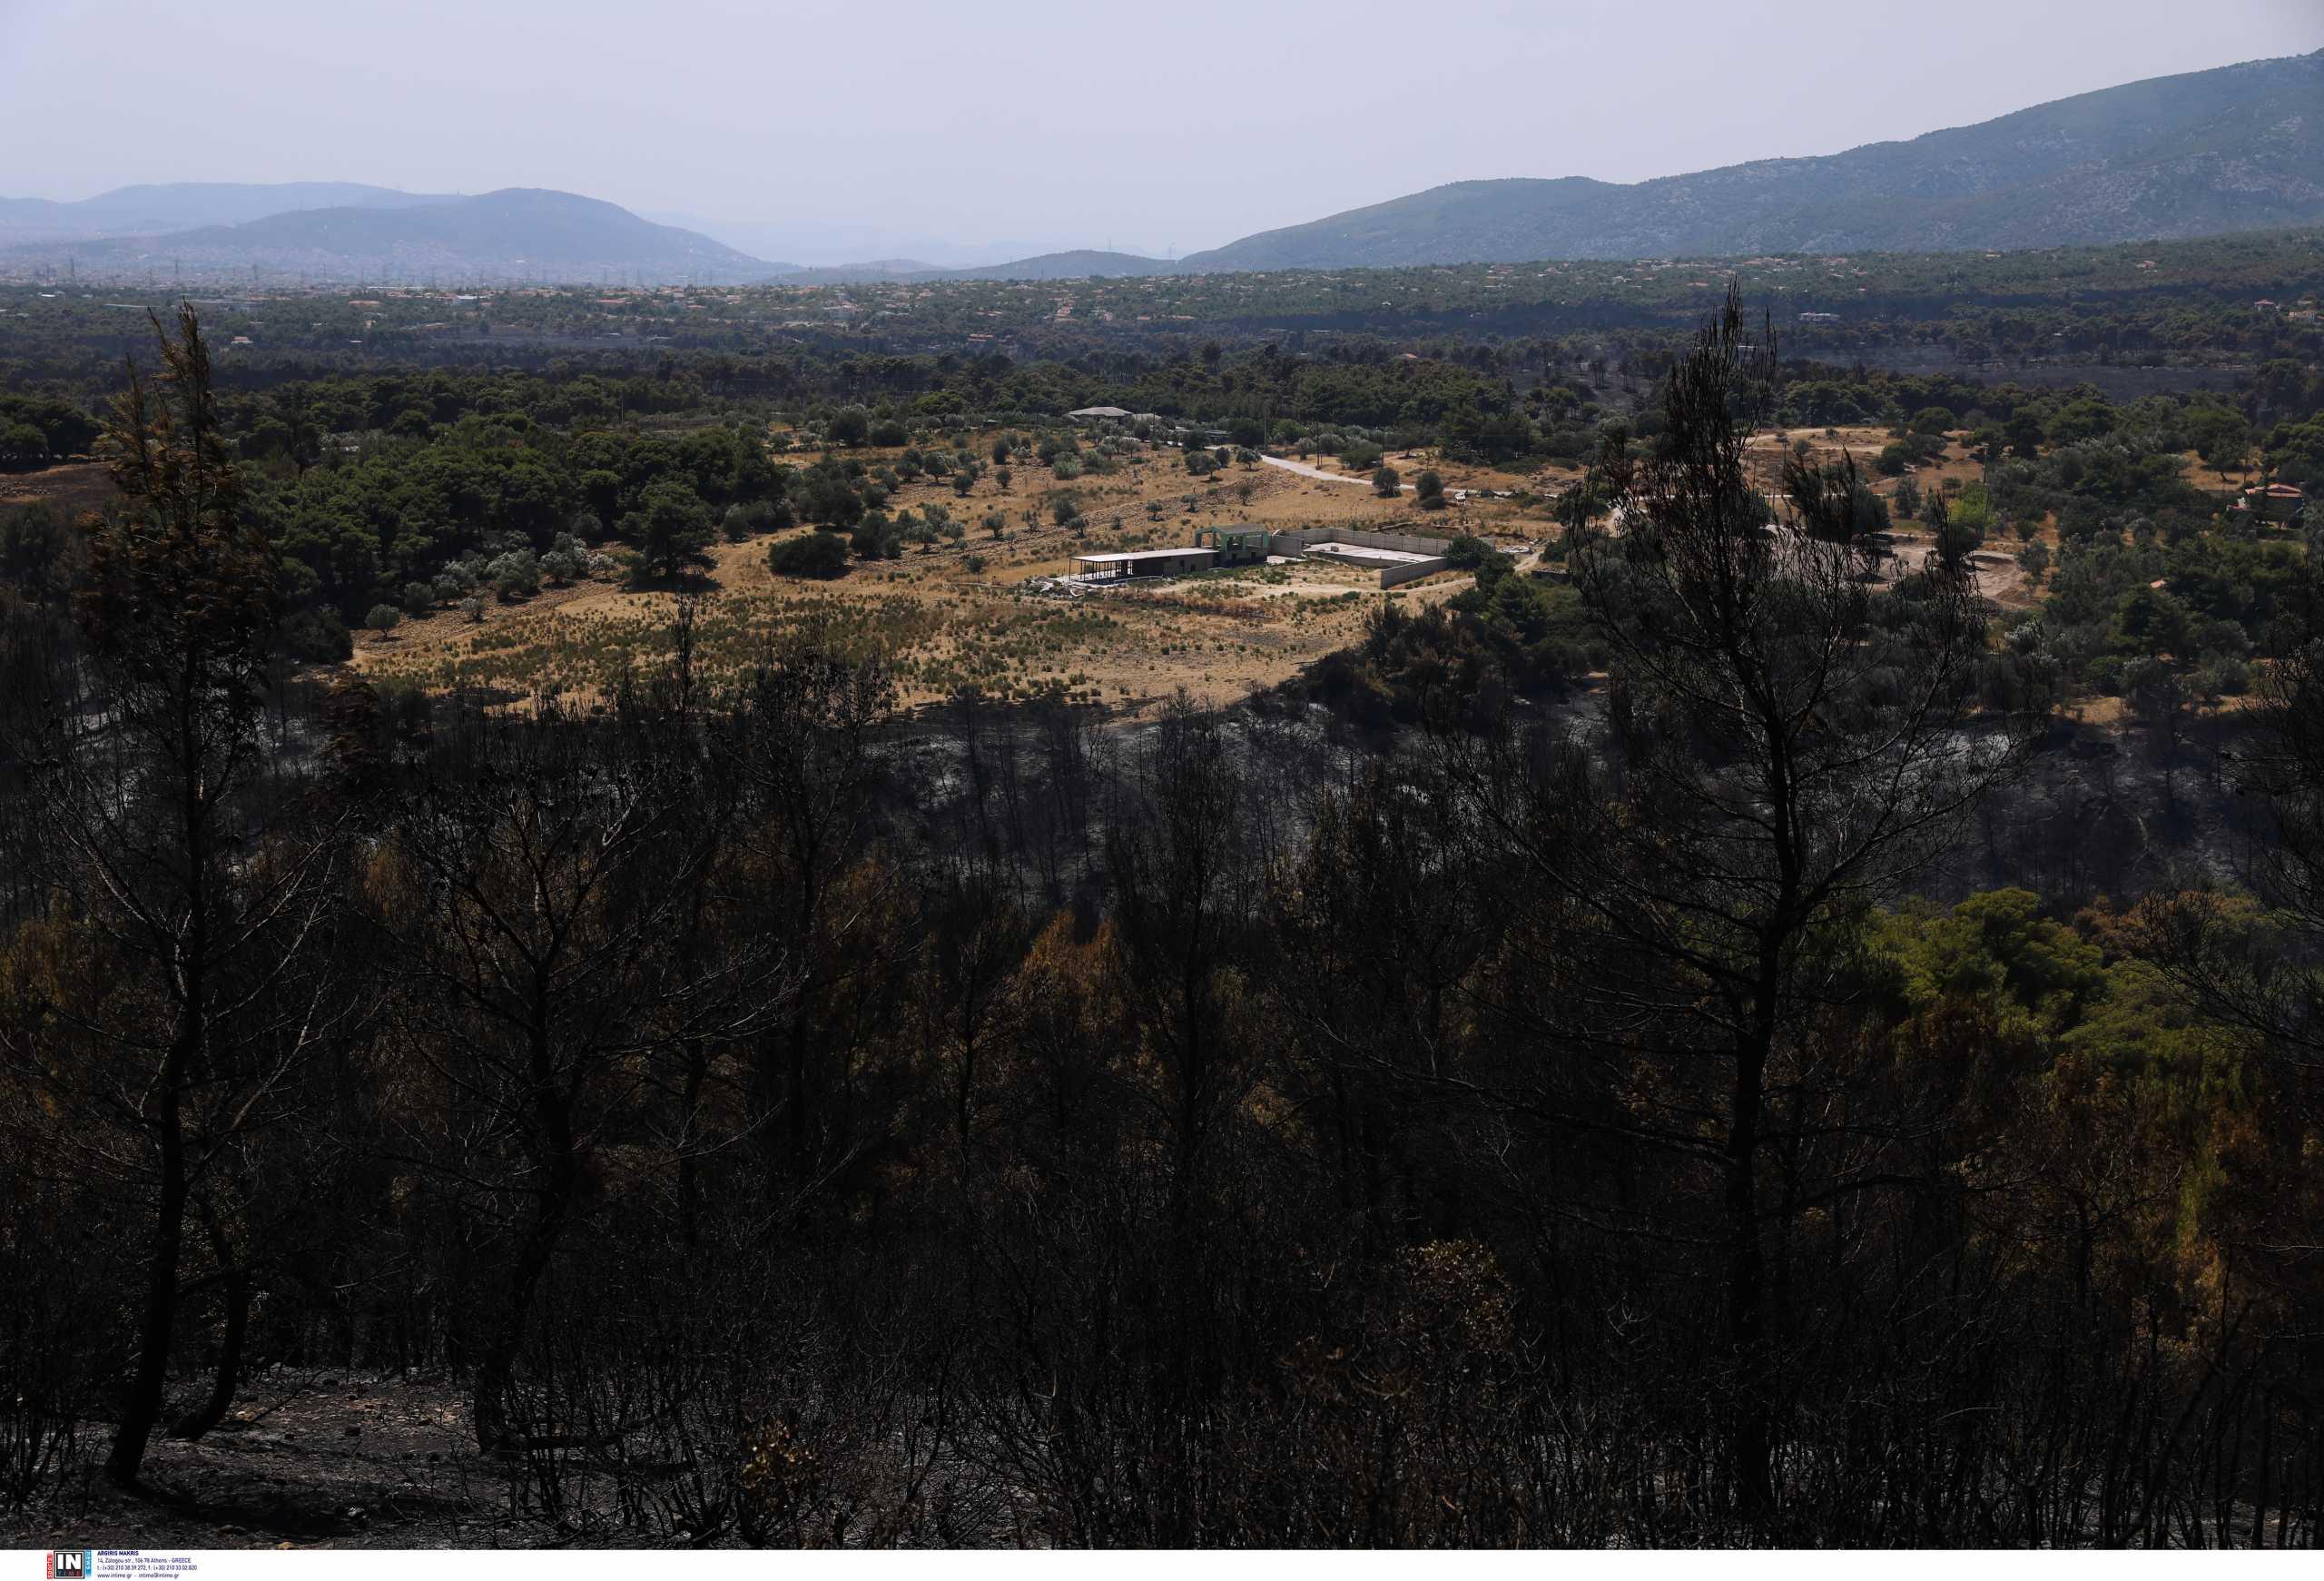 Φωτιά στην Αττική: Ενισχυμένο το μέτωπο στην Πάρνηθα – Στη μάχη Κύπριοι, Γάλλοι και Ισραηλινοί πυροσβέστες